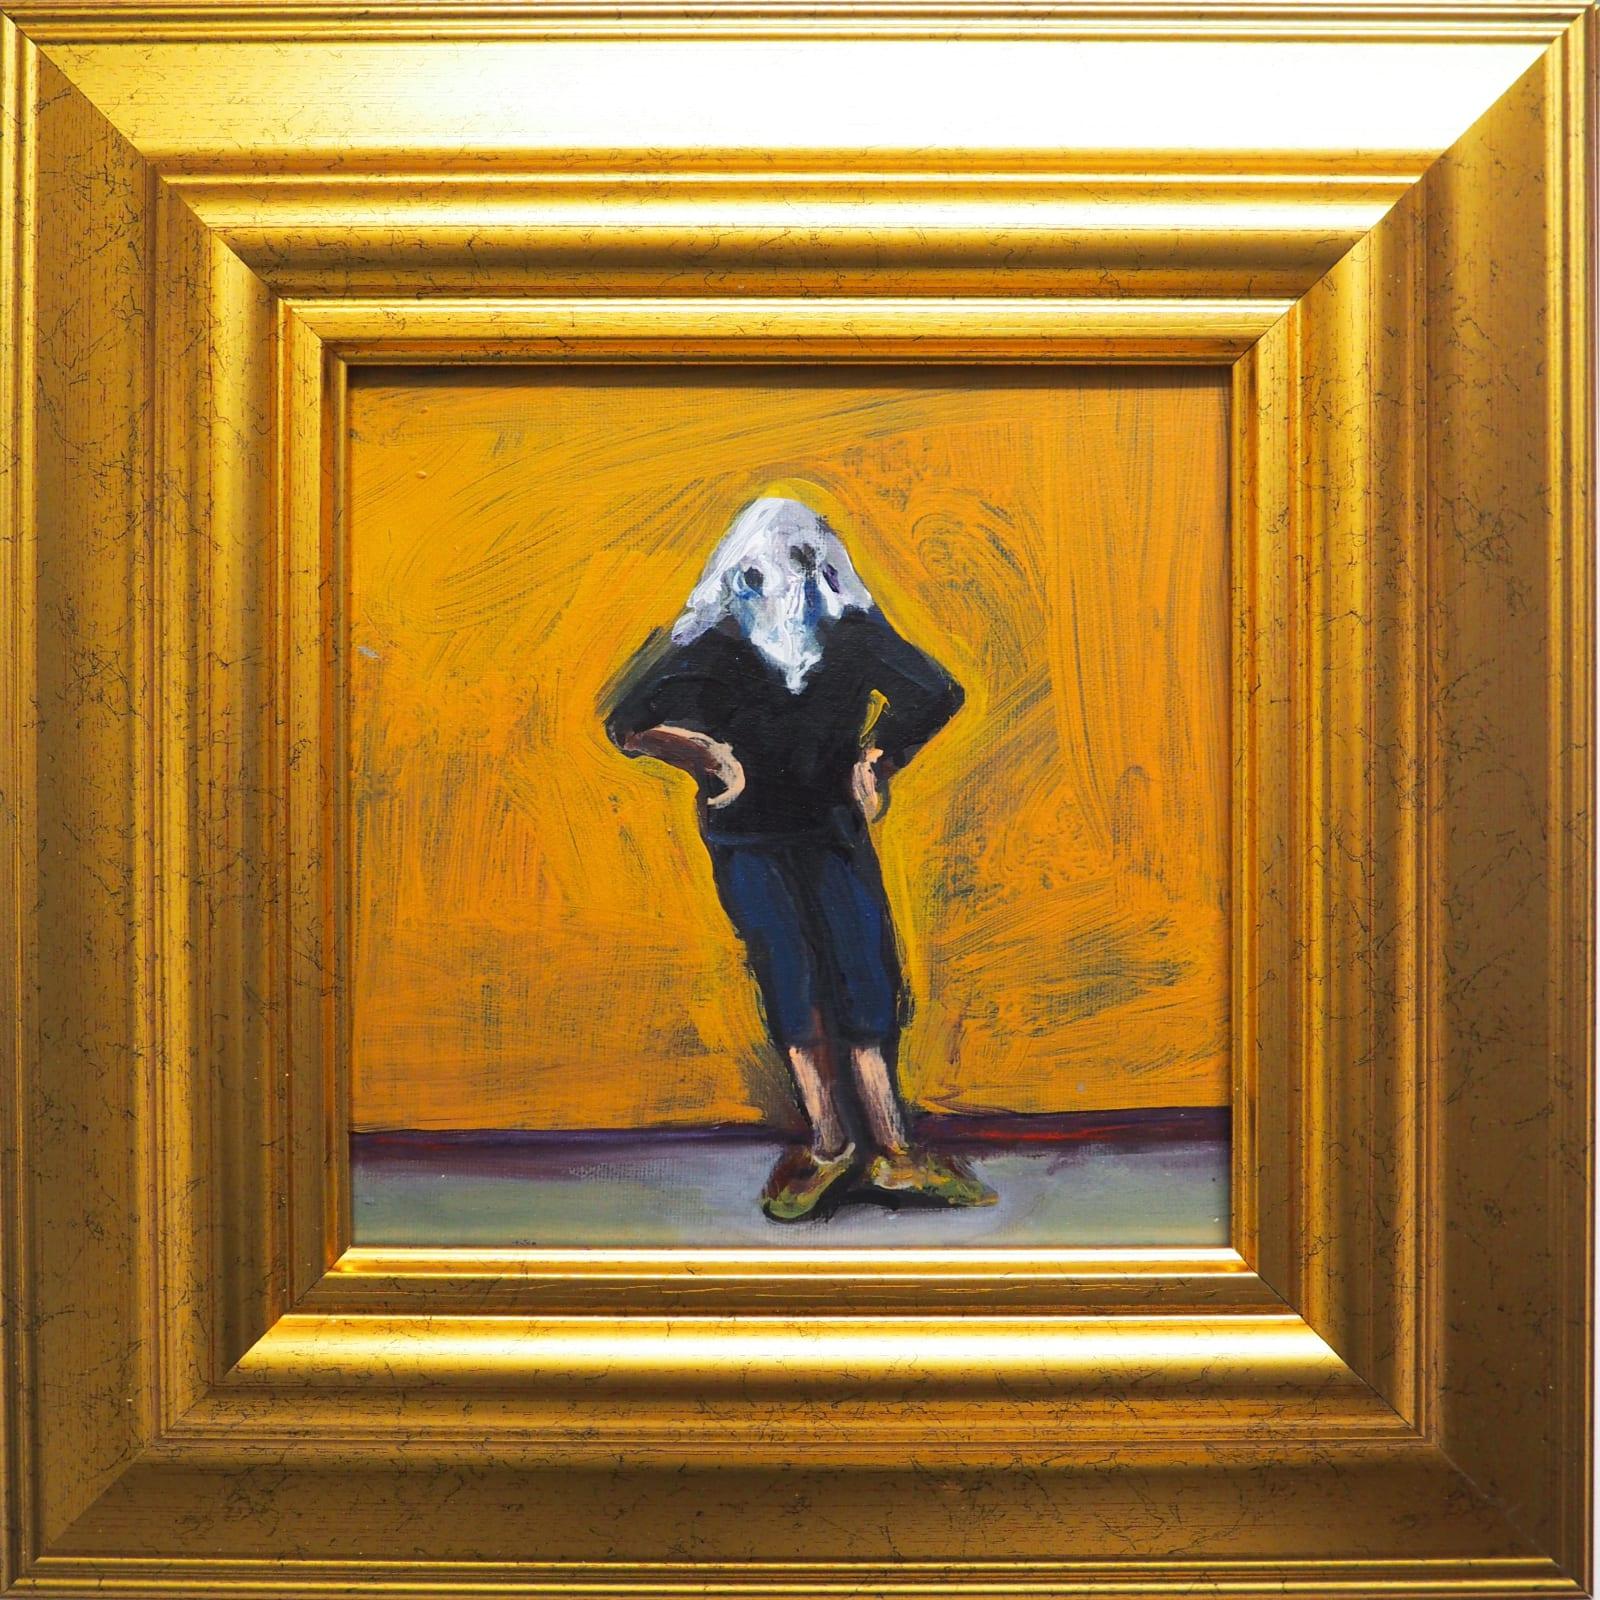 Yassine Balbzioui, waiting, 2018 Oil on canvas 35.2 x 35.2 cm (framed)